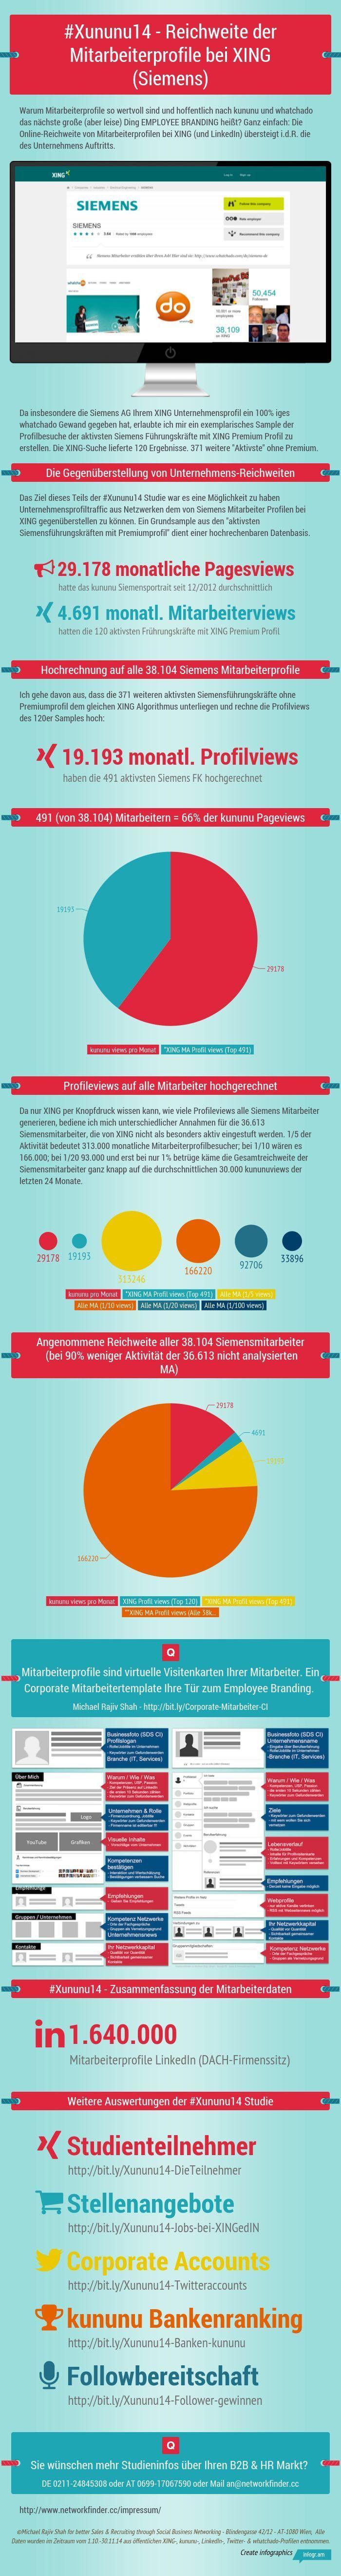 Reichweite von Corporate Mitarbeiterprofilen bei #XING am Beispiel der @Siemens AG #Infografik #Profiling